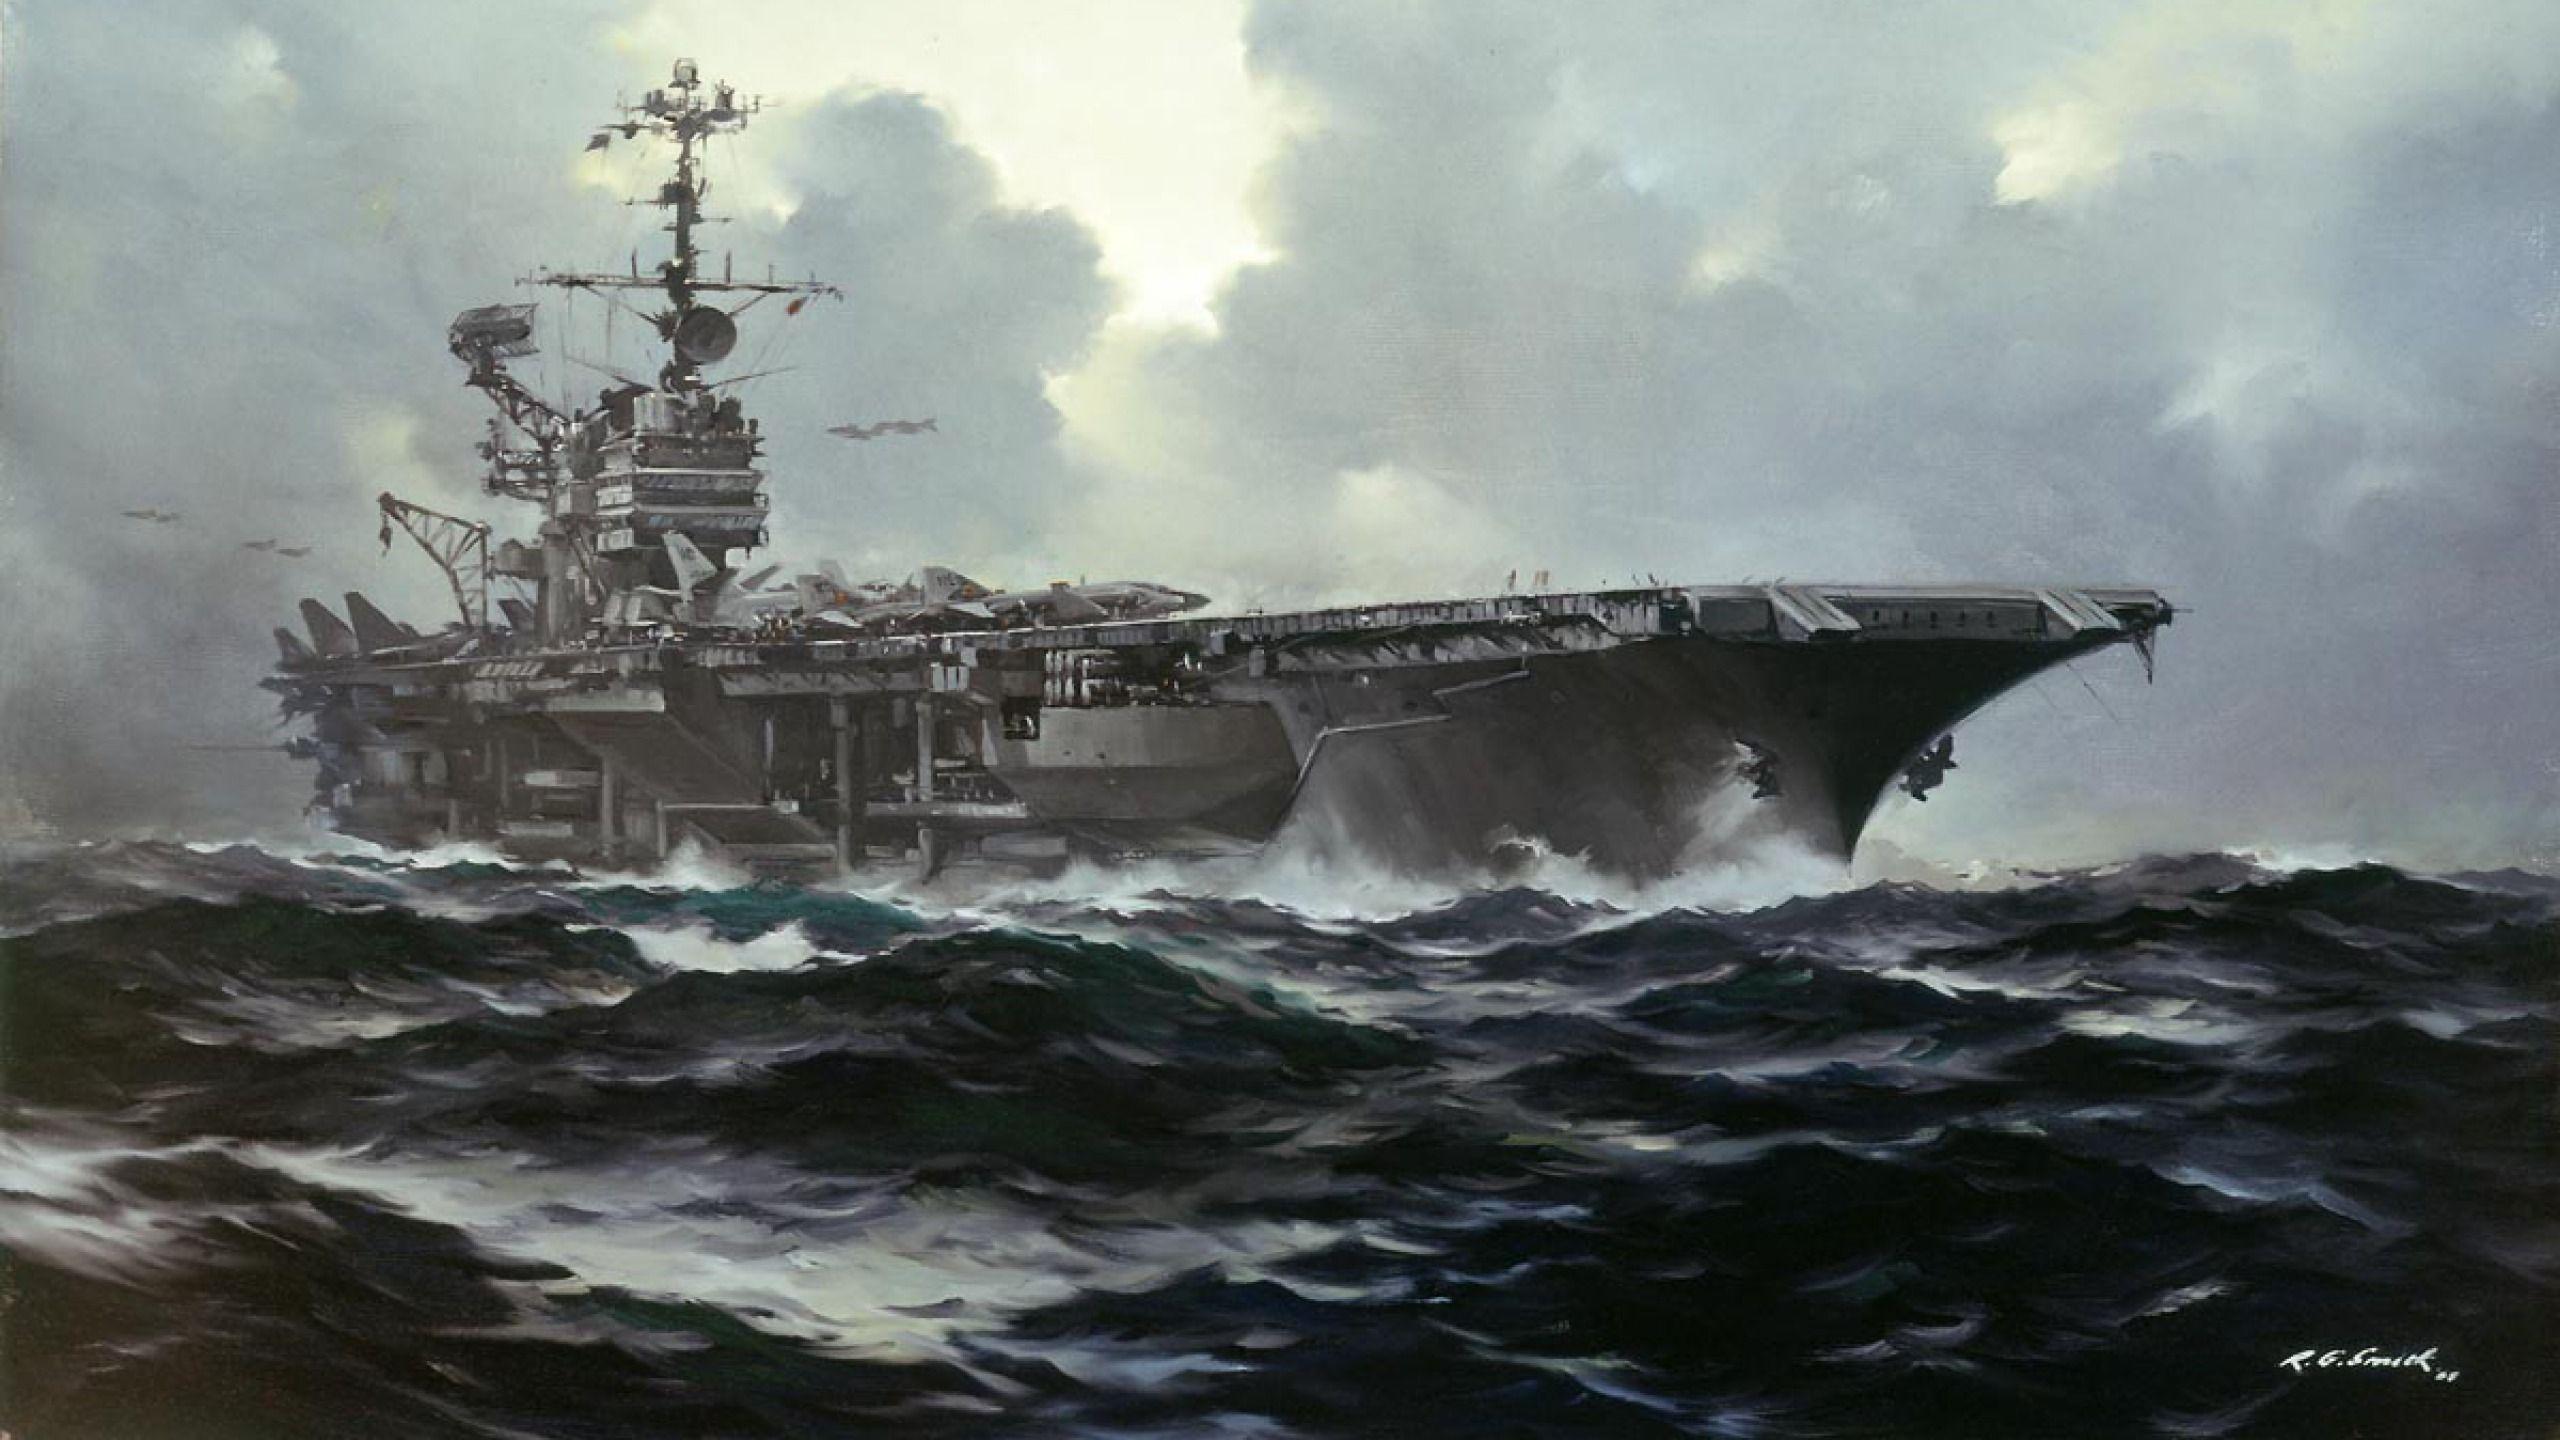 USS Ranger (CV-61) | Sea War | Navy aircraft carrier